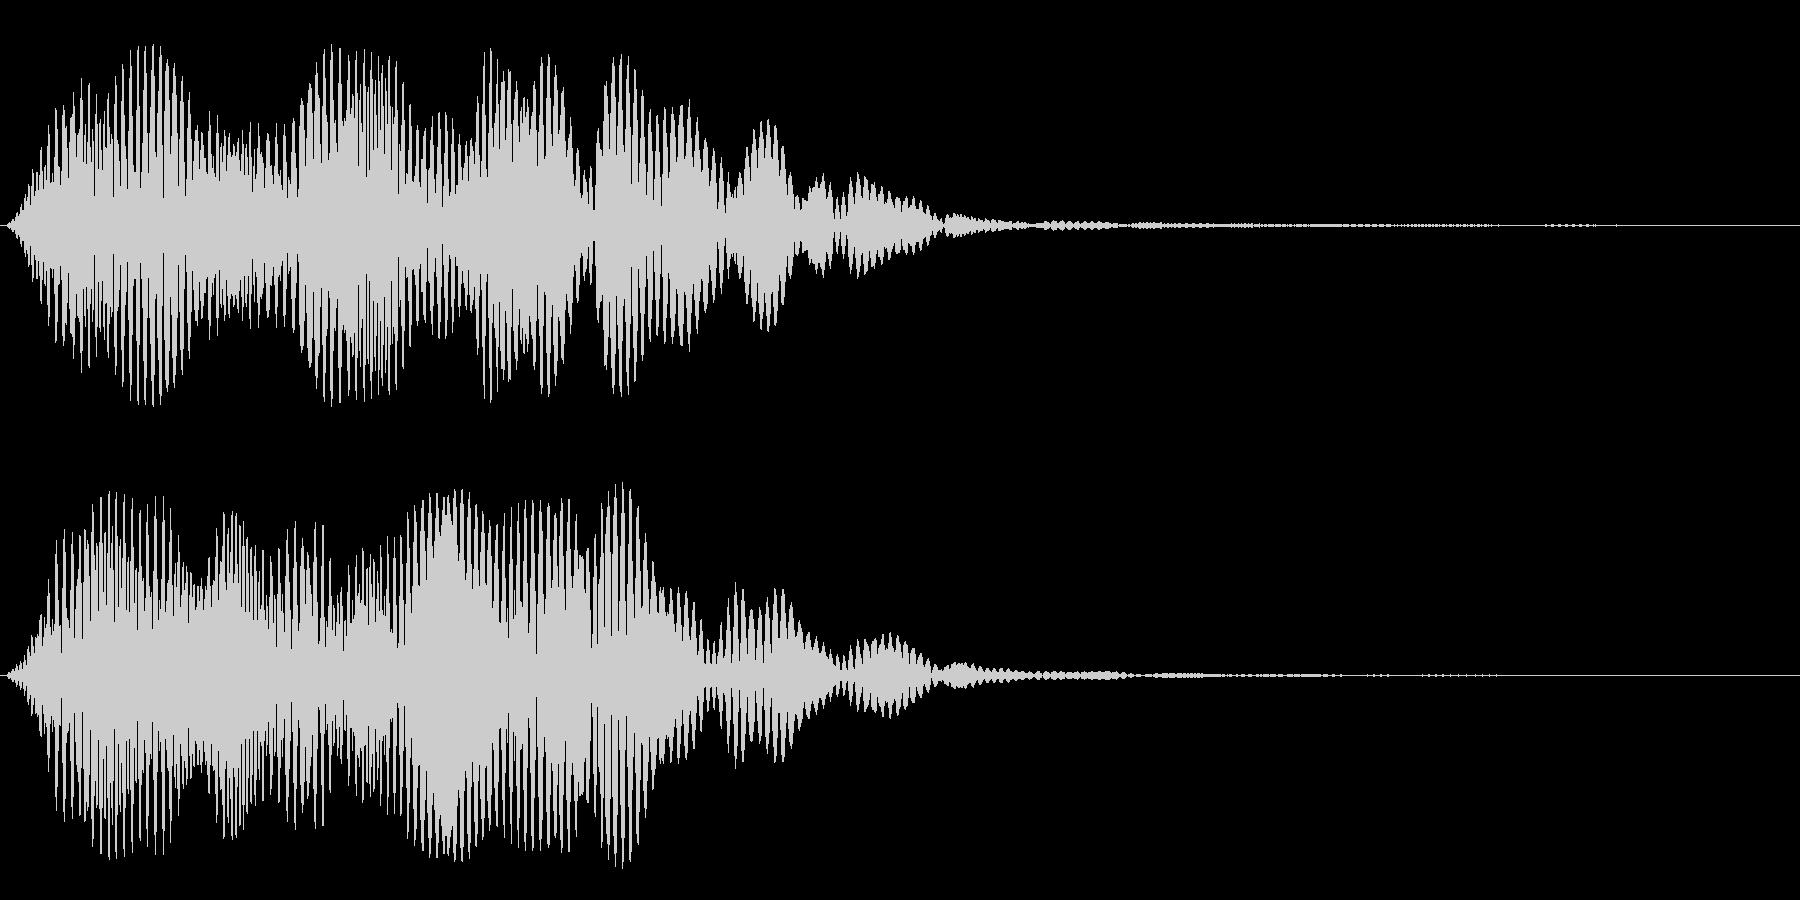 スペーシーな音階のシンセサイザー音の未再生の波形